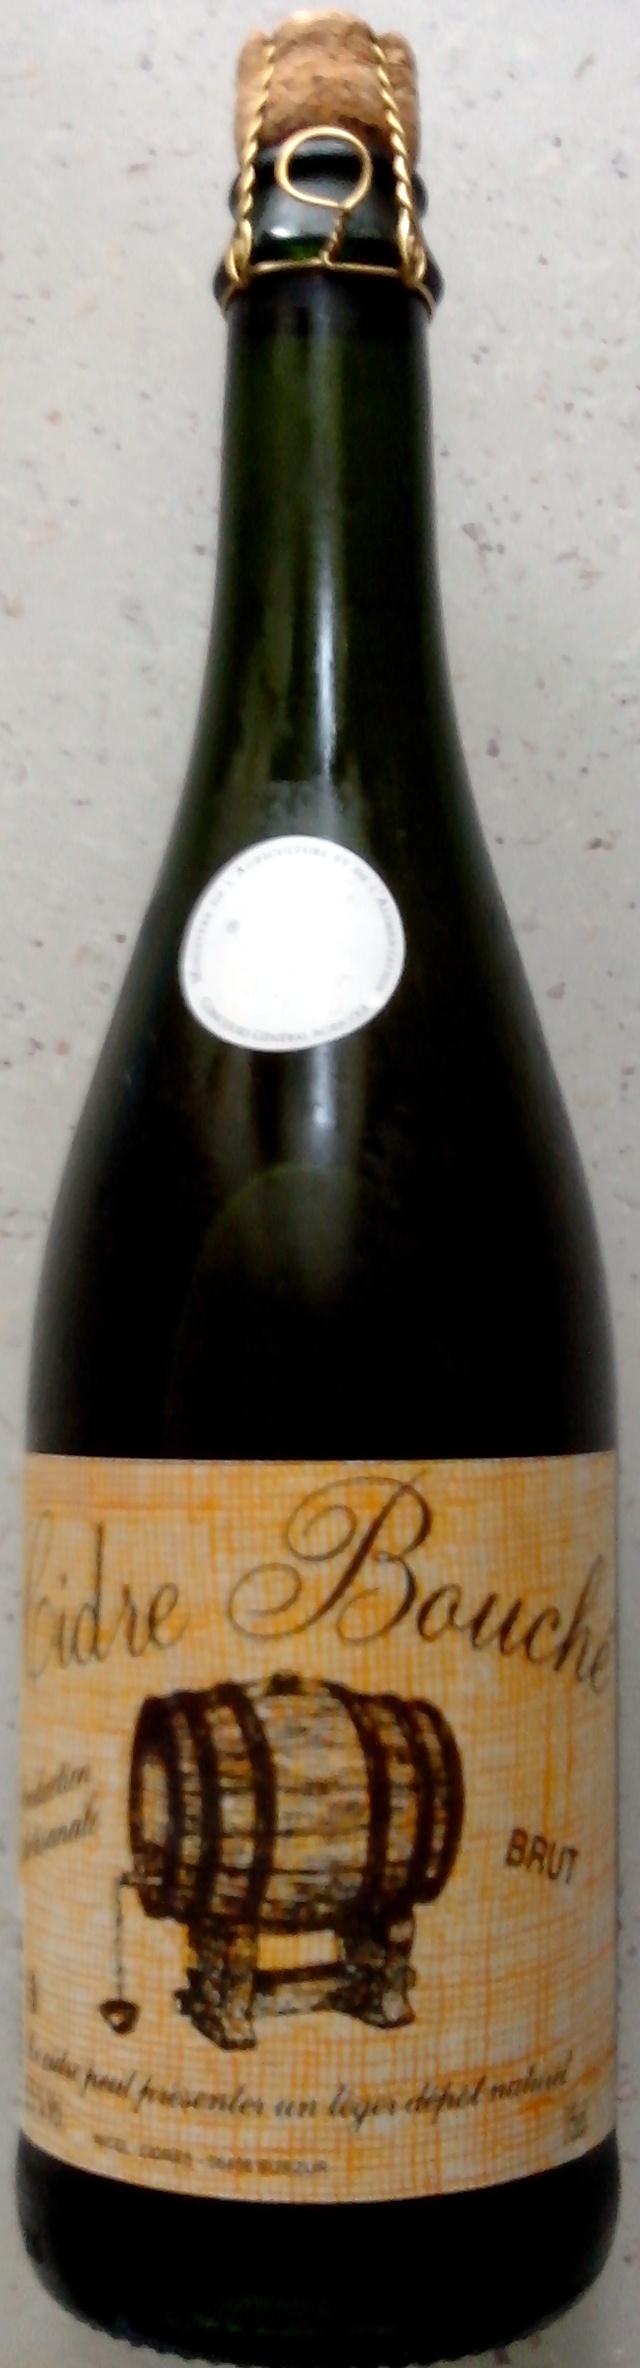 Cidre Bouché - Produit - fr